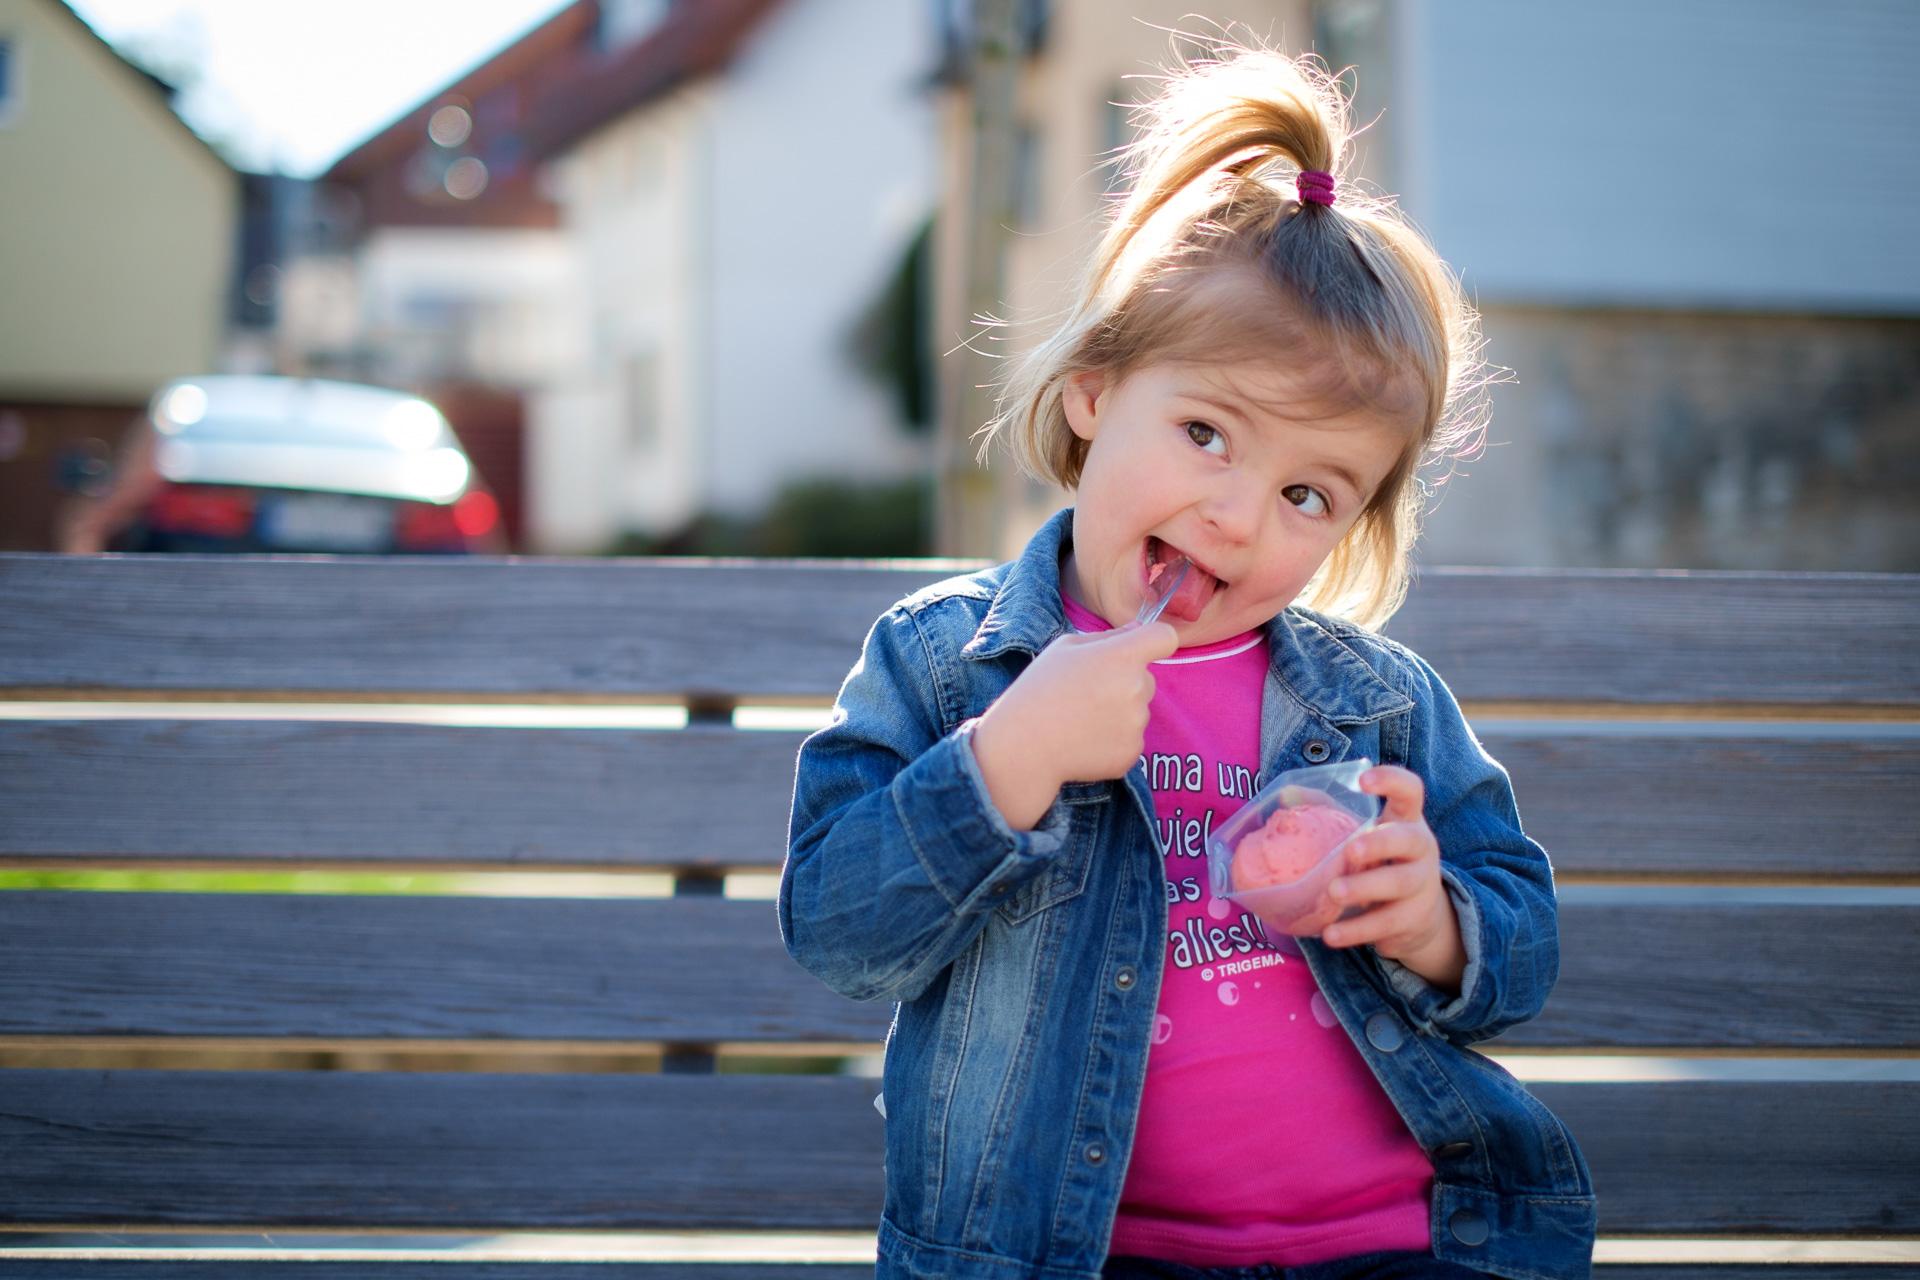 Kind auf der Bank mit Eis in Rudersberg